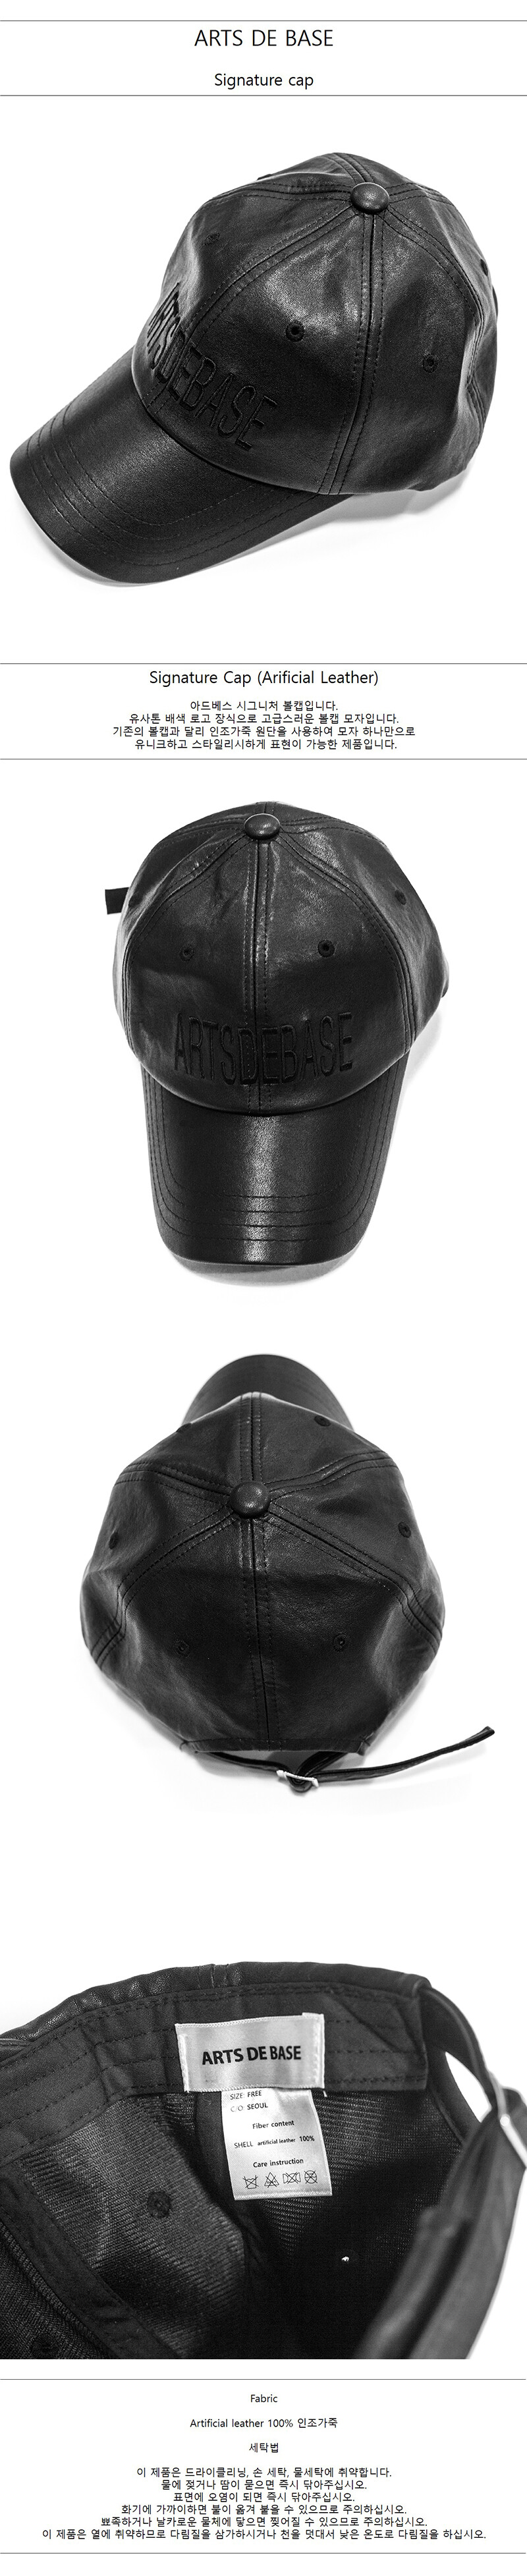 Signature cap (artificial leather)